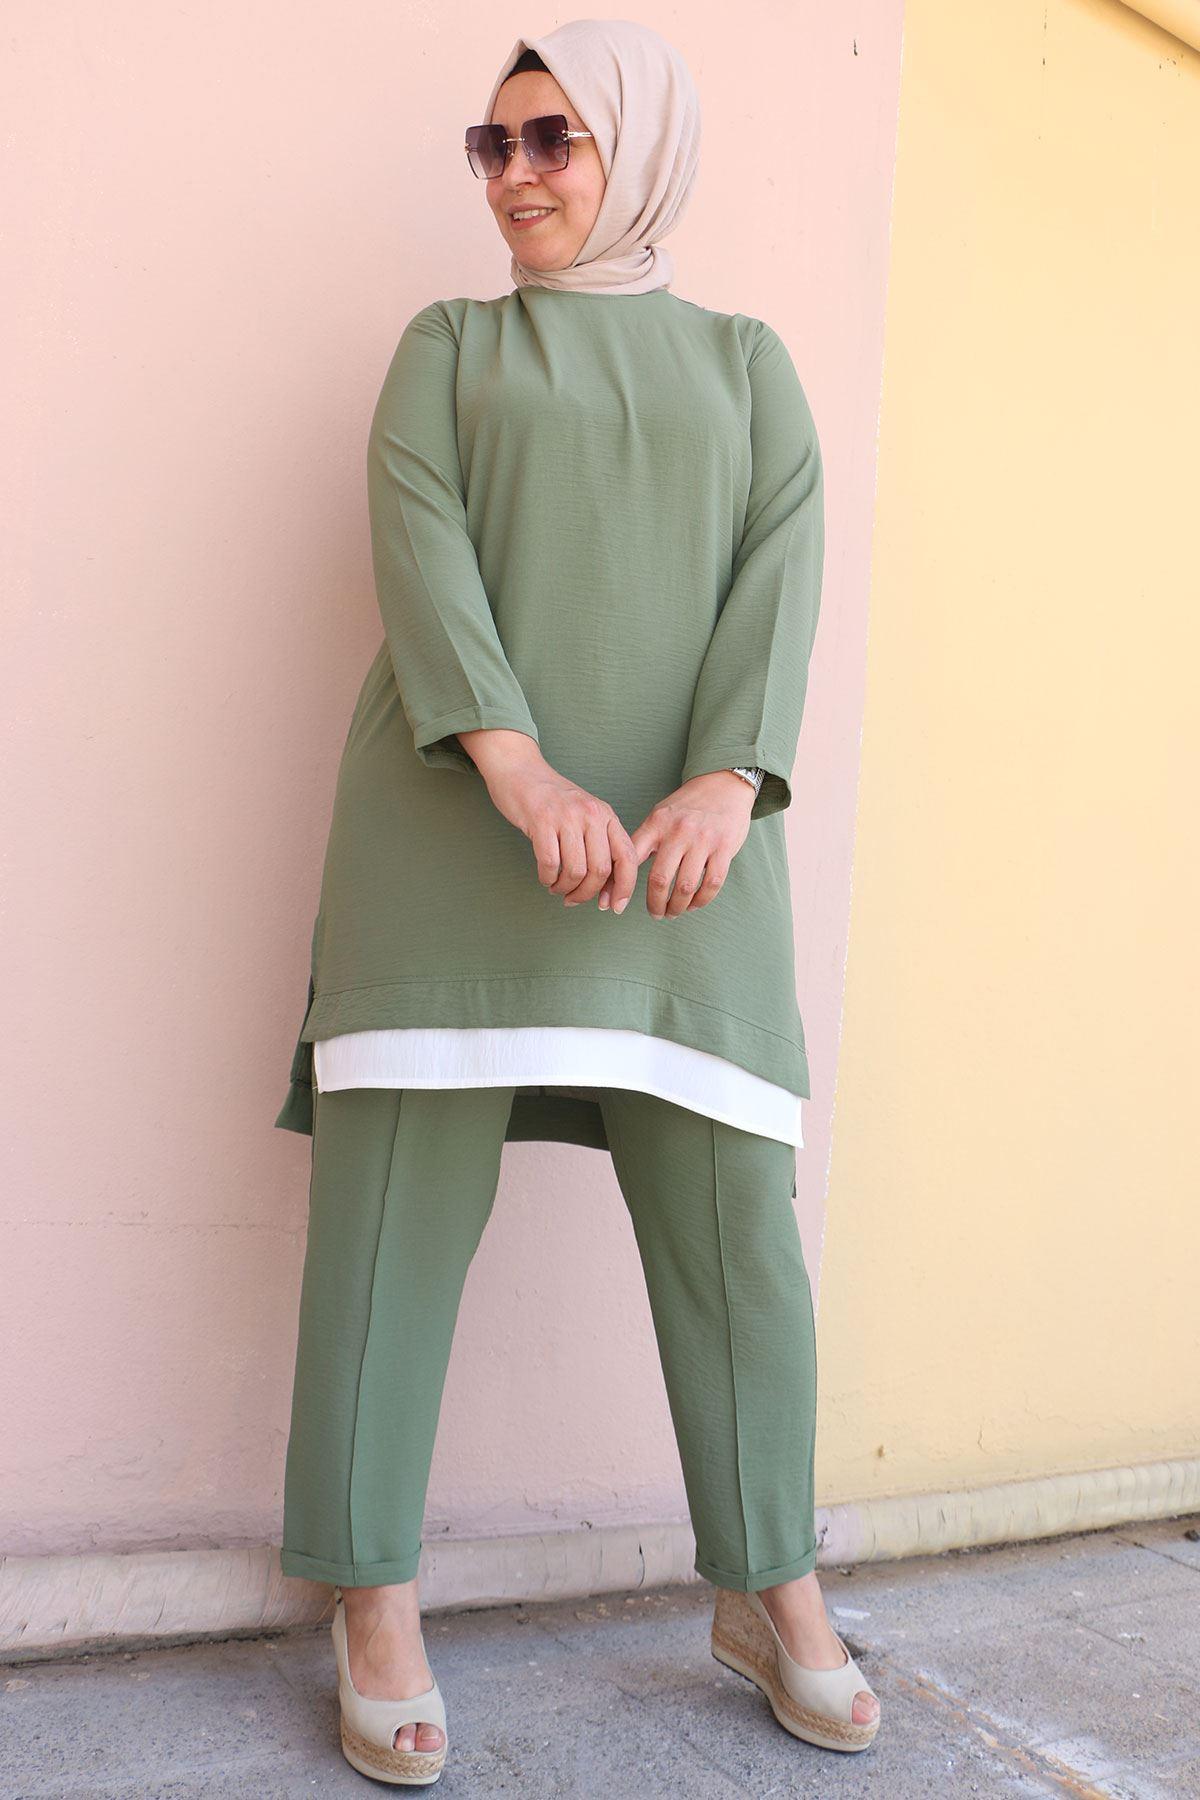 7704  Büyük Beden Airobin Garnili Pantolonlu Takım - Haki